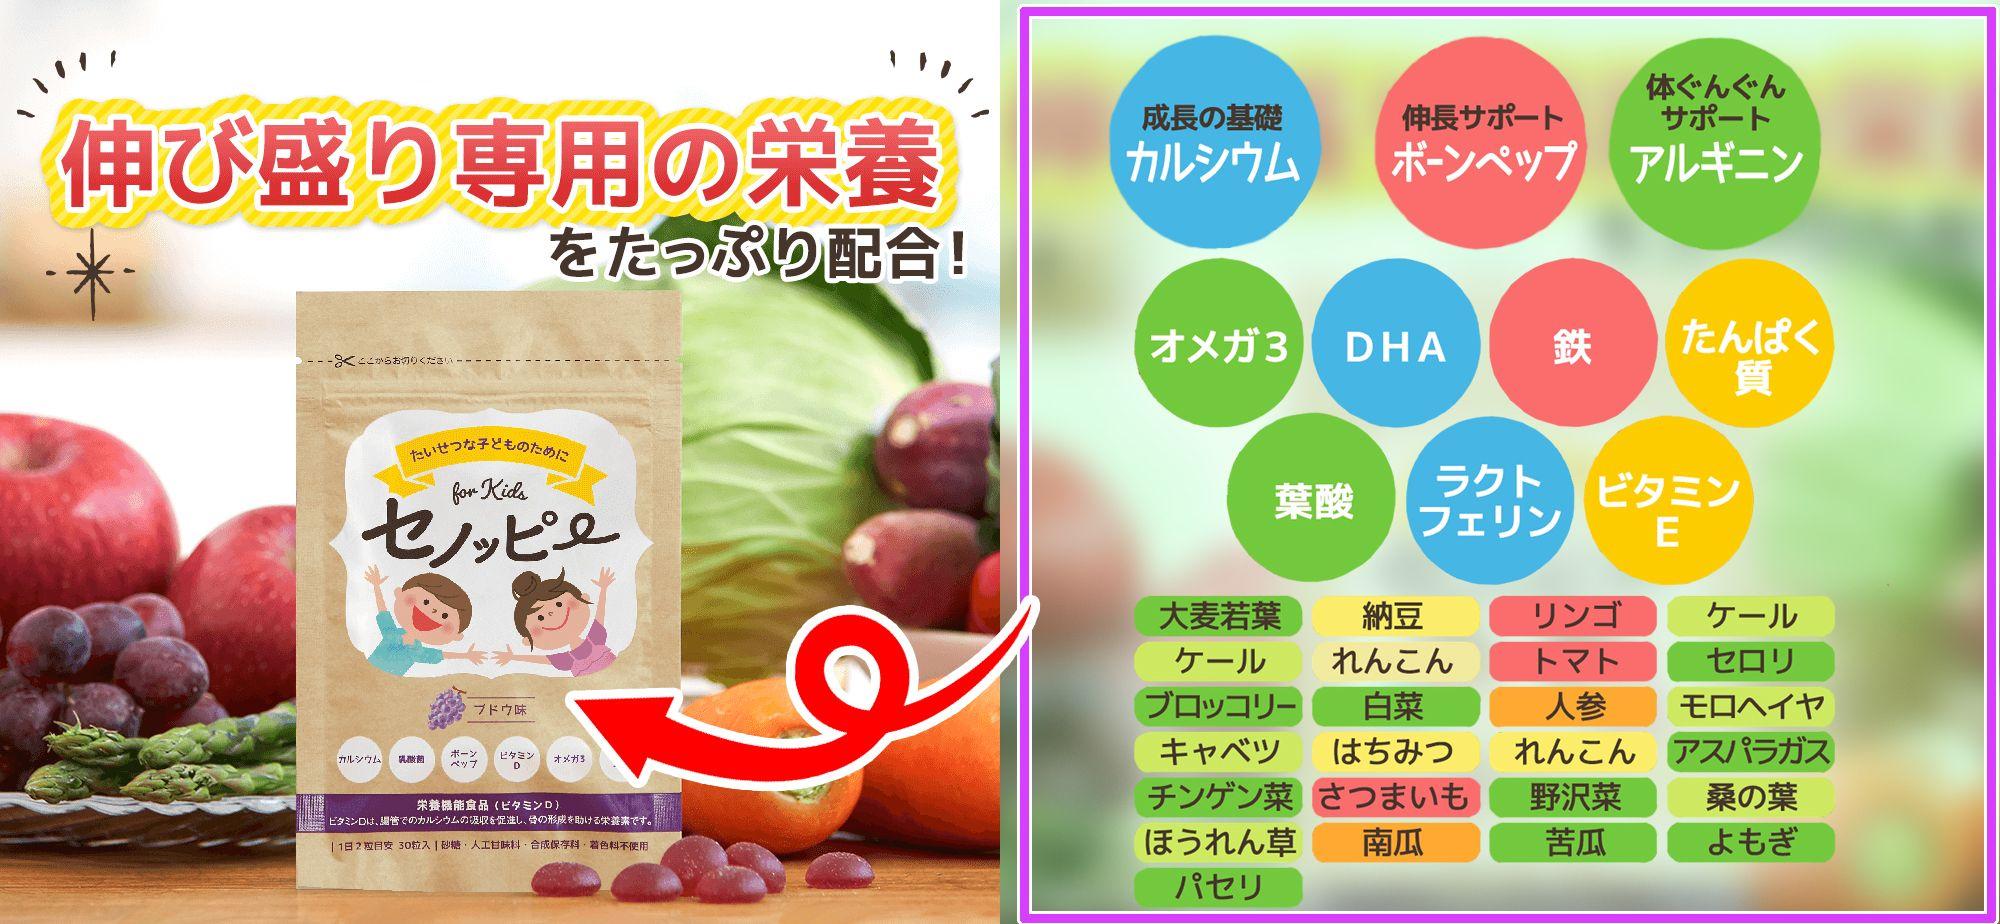 森三中大島さんも大絶賛 栄養たっぷり成長グミ を身長で悩む息子に試した結果スクスクと kagayaki girls オリーブの木 グミ 栄養